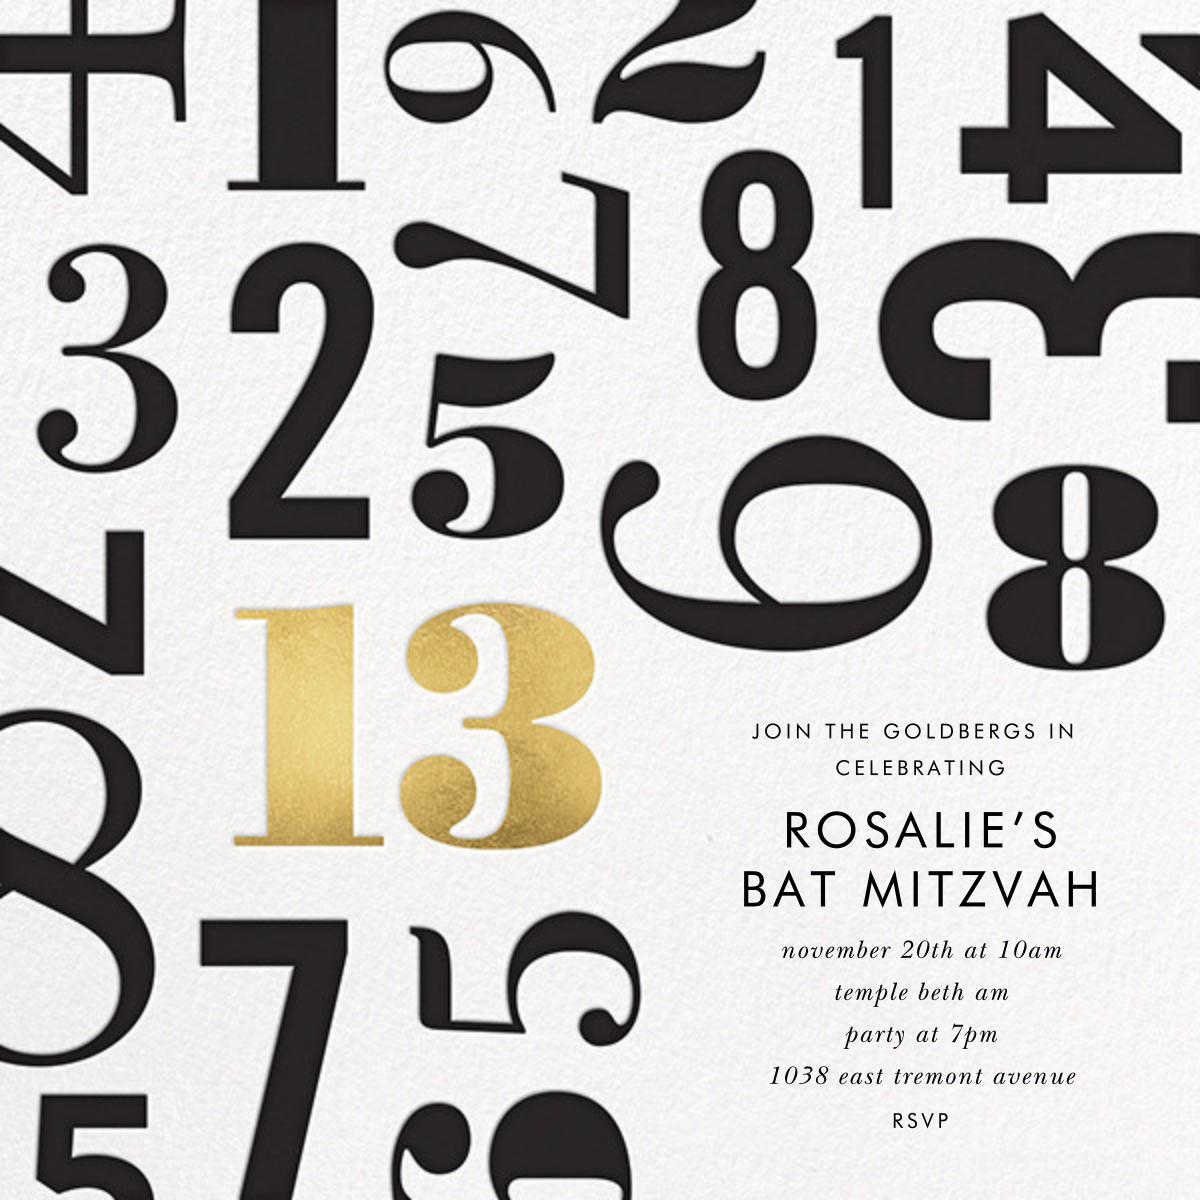 Lucky Number - Thirteen - kate spade new york - Bar and bat mitzvah